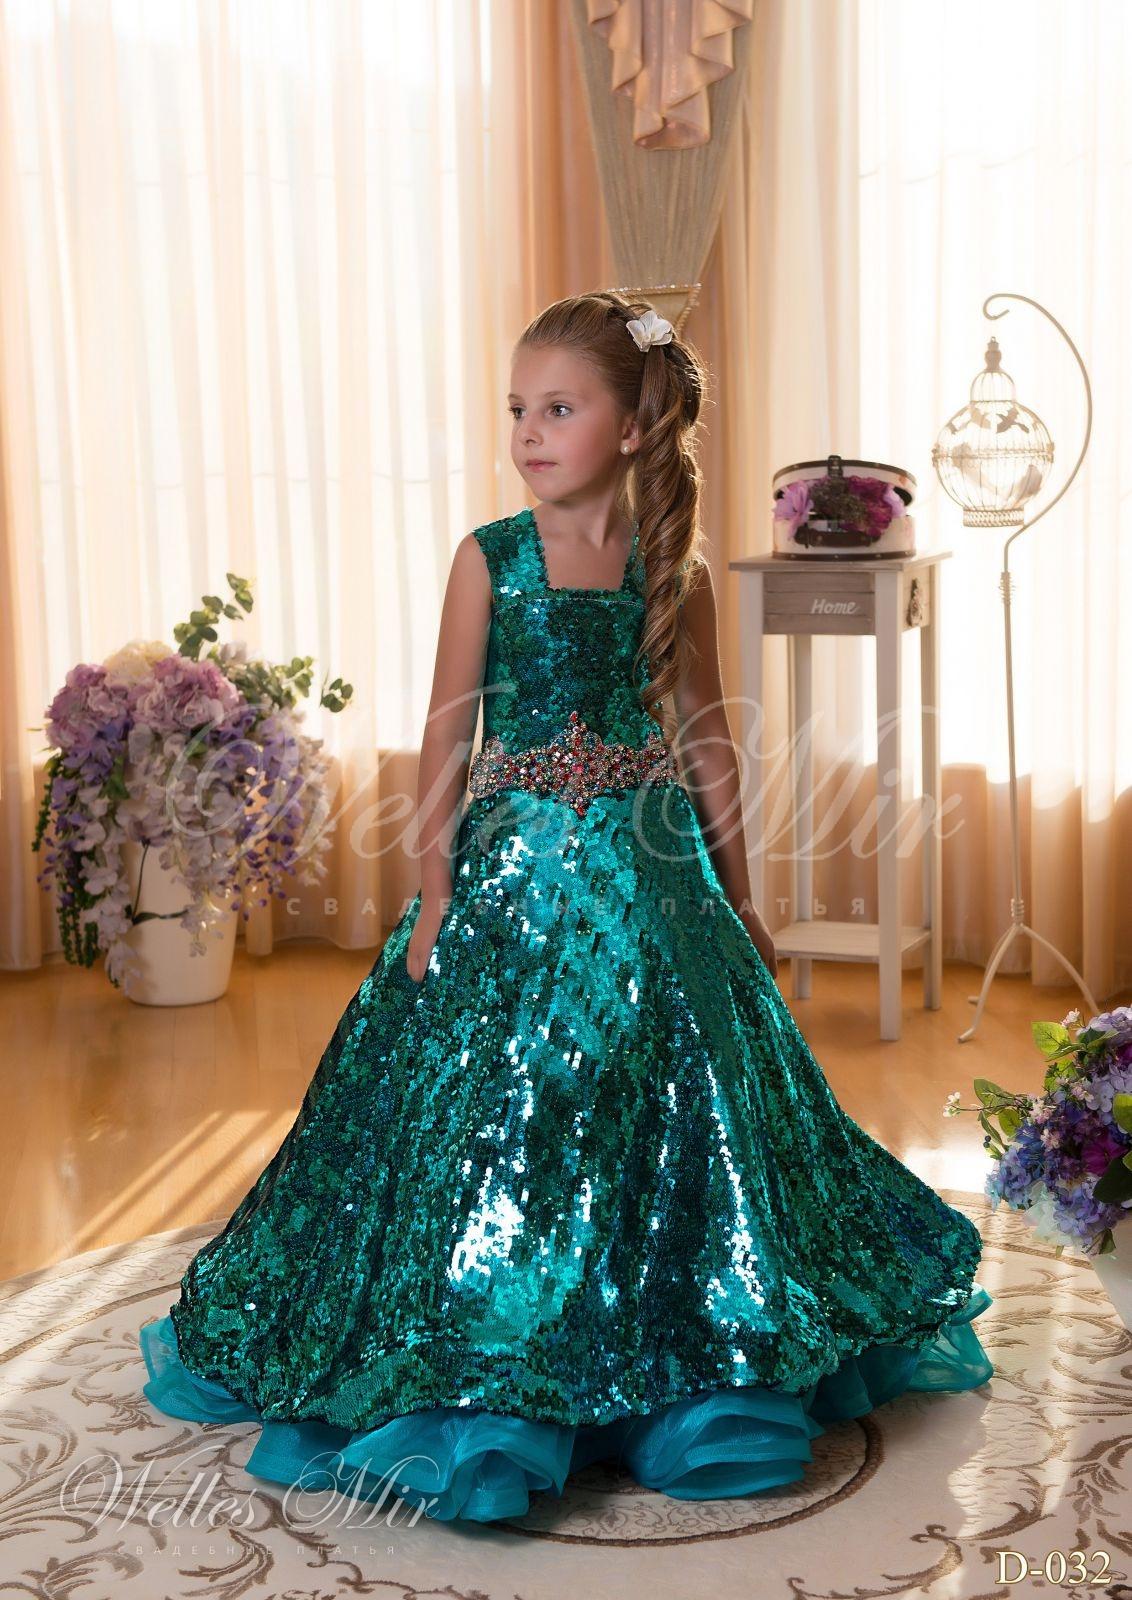 Детские платья Детские платья 2015 - D-032